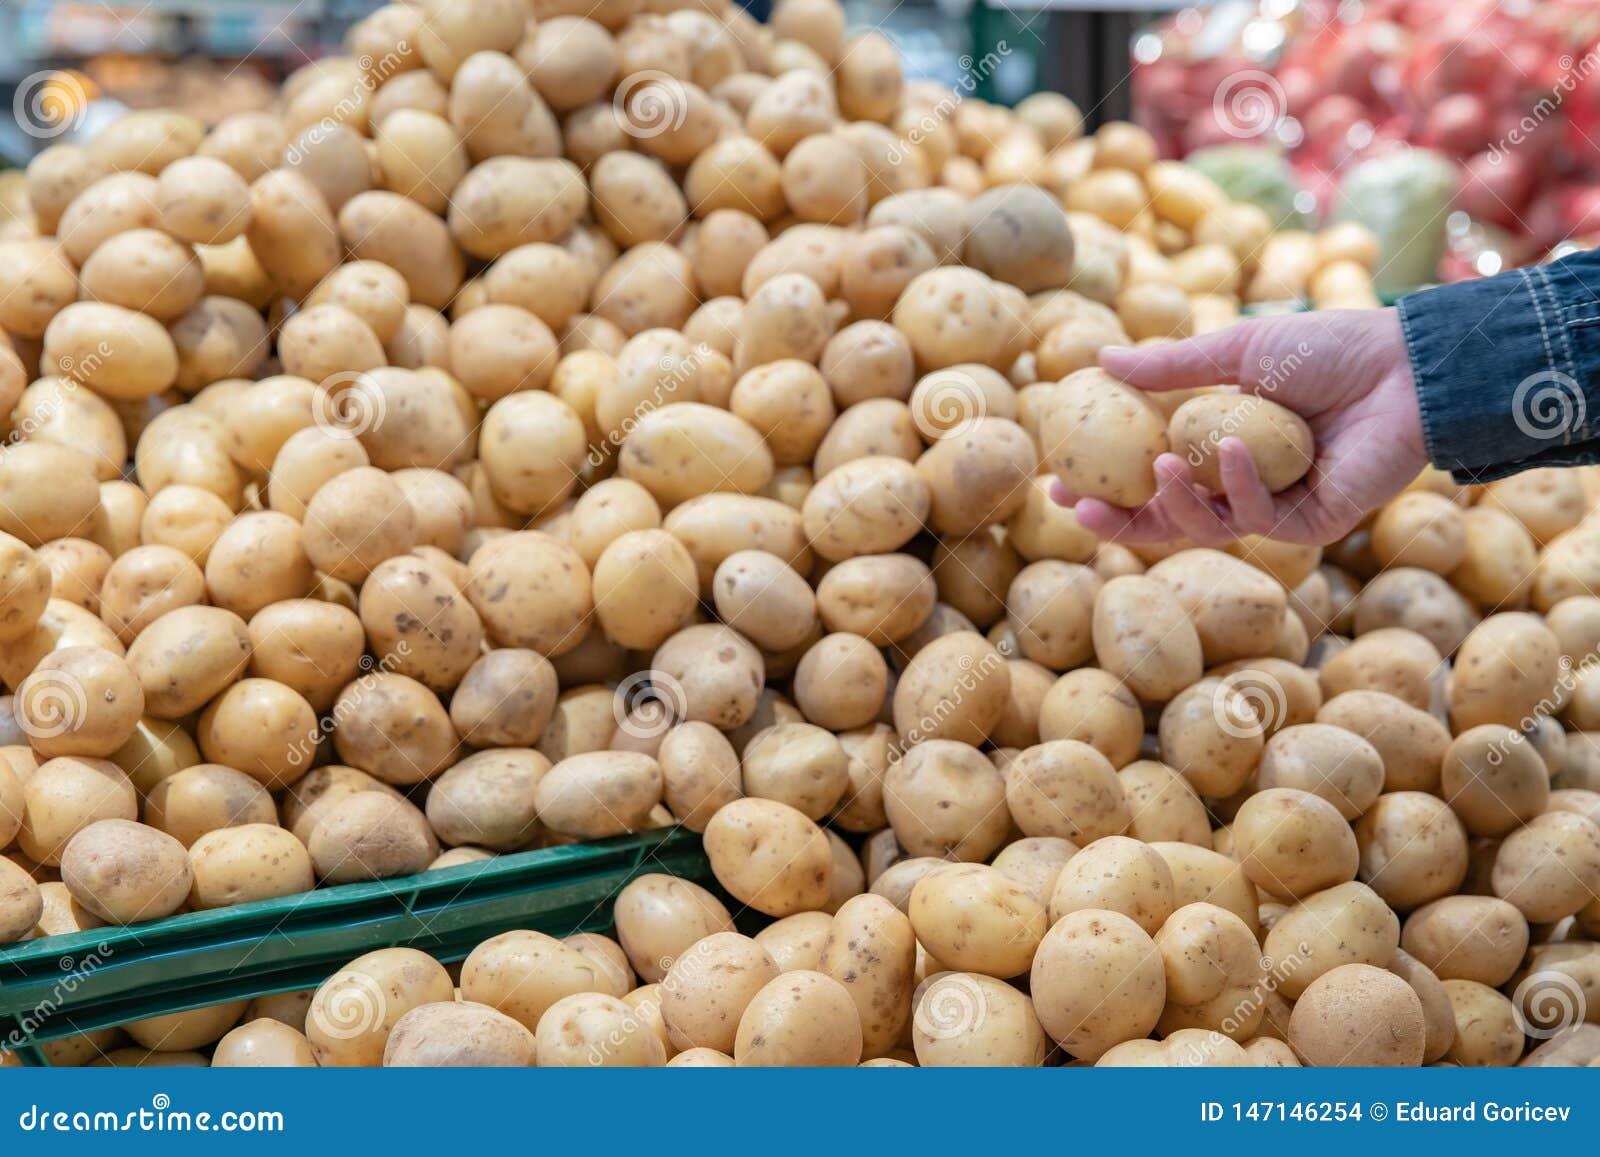 Verduras frescas en estantes del supermercado y en mercados en cajones de granjeros ofrecido en venta